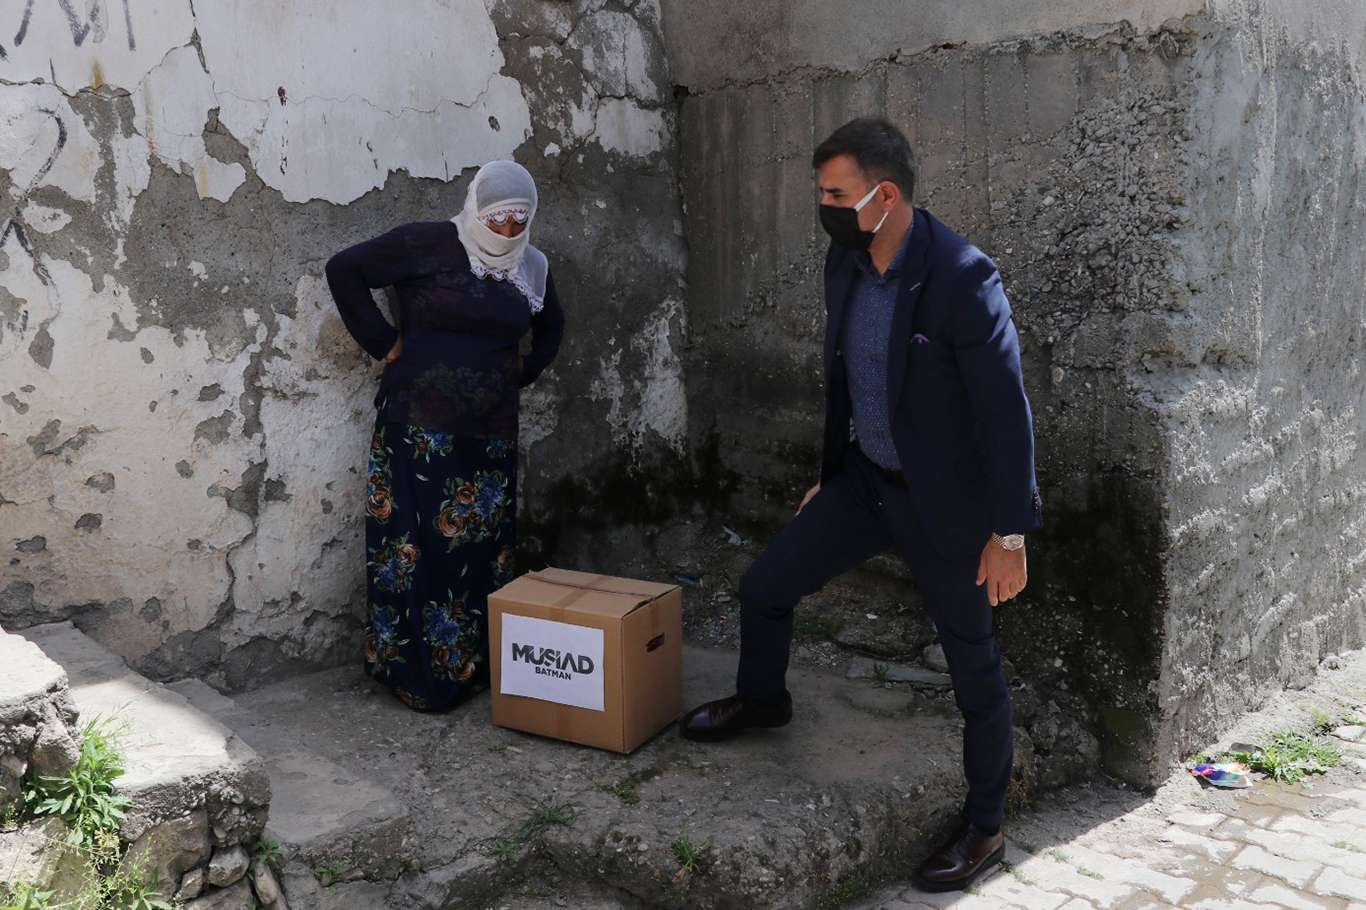 MÜSİAD Batman Şubesinden 850 muhtaç aileye Ramazan yardımı